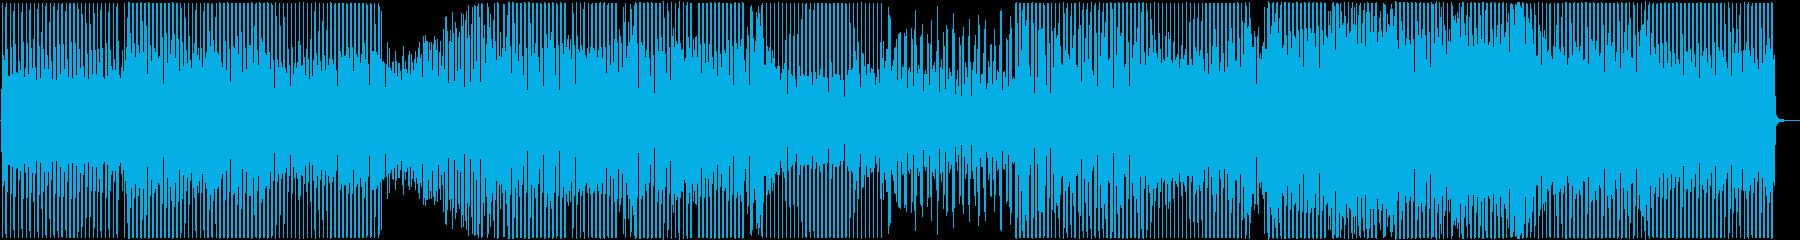 パトカーをイメージしたテクノ(声あり)の再生済みの波形